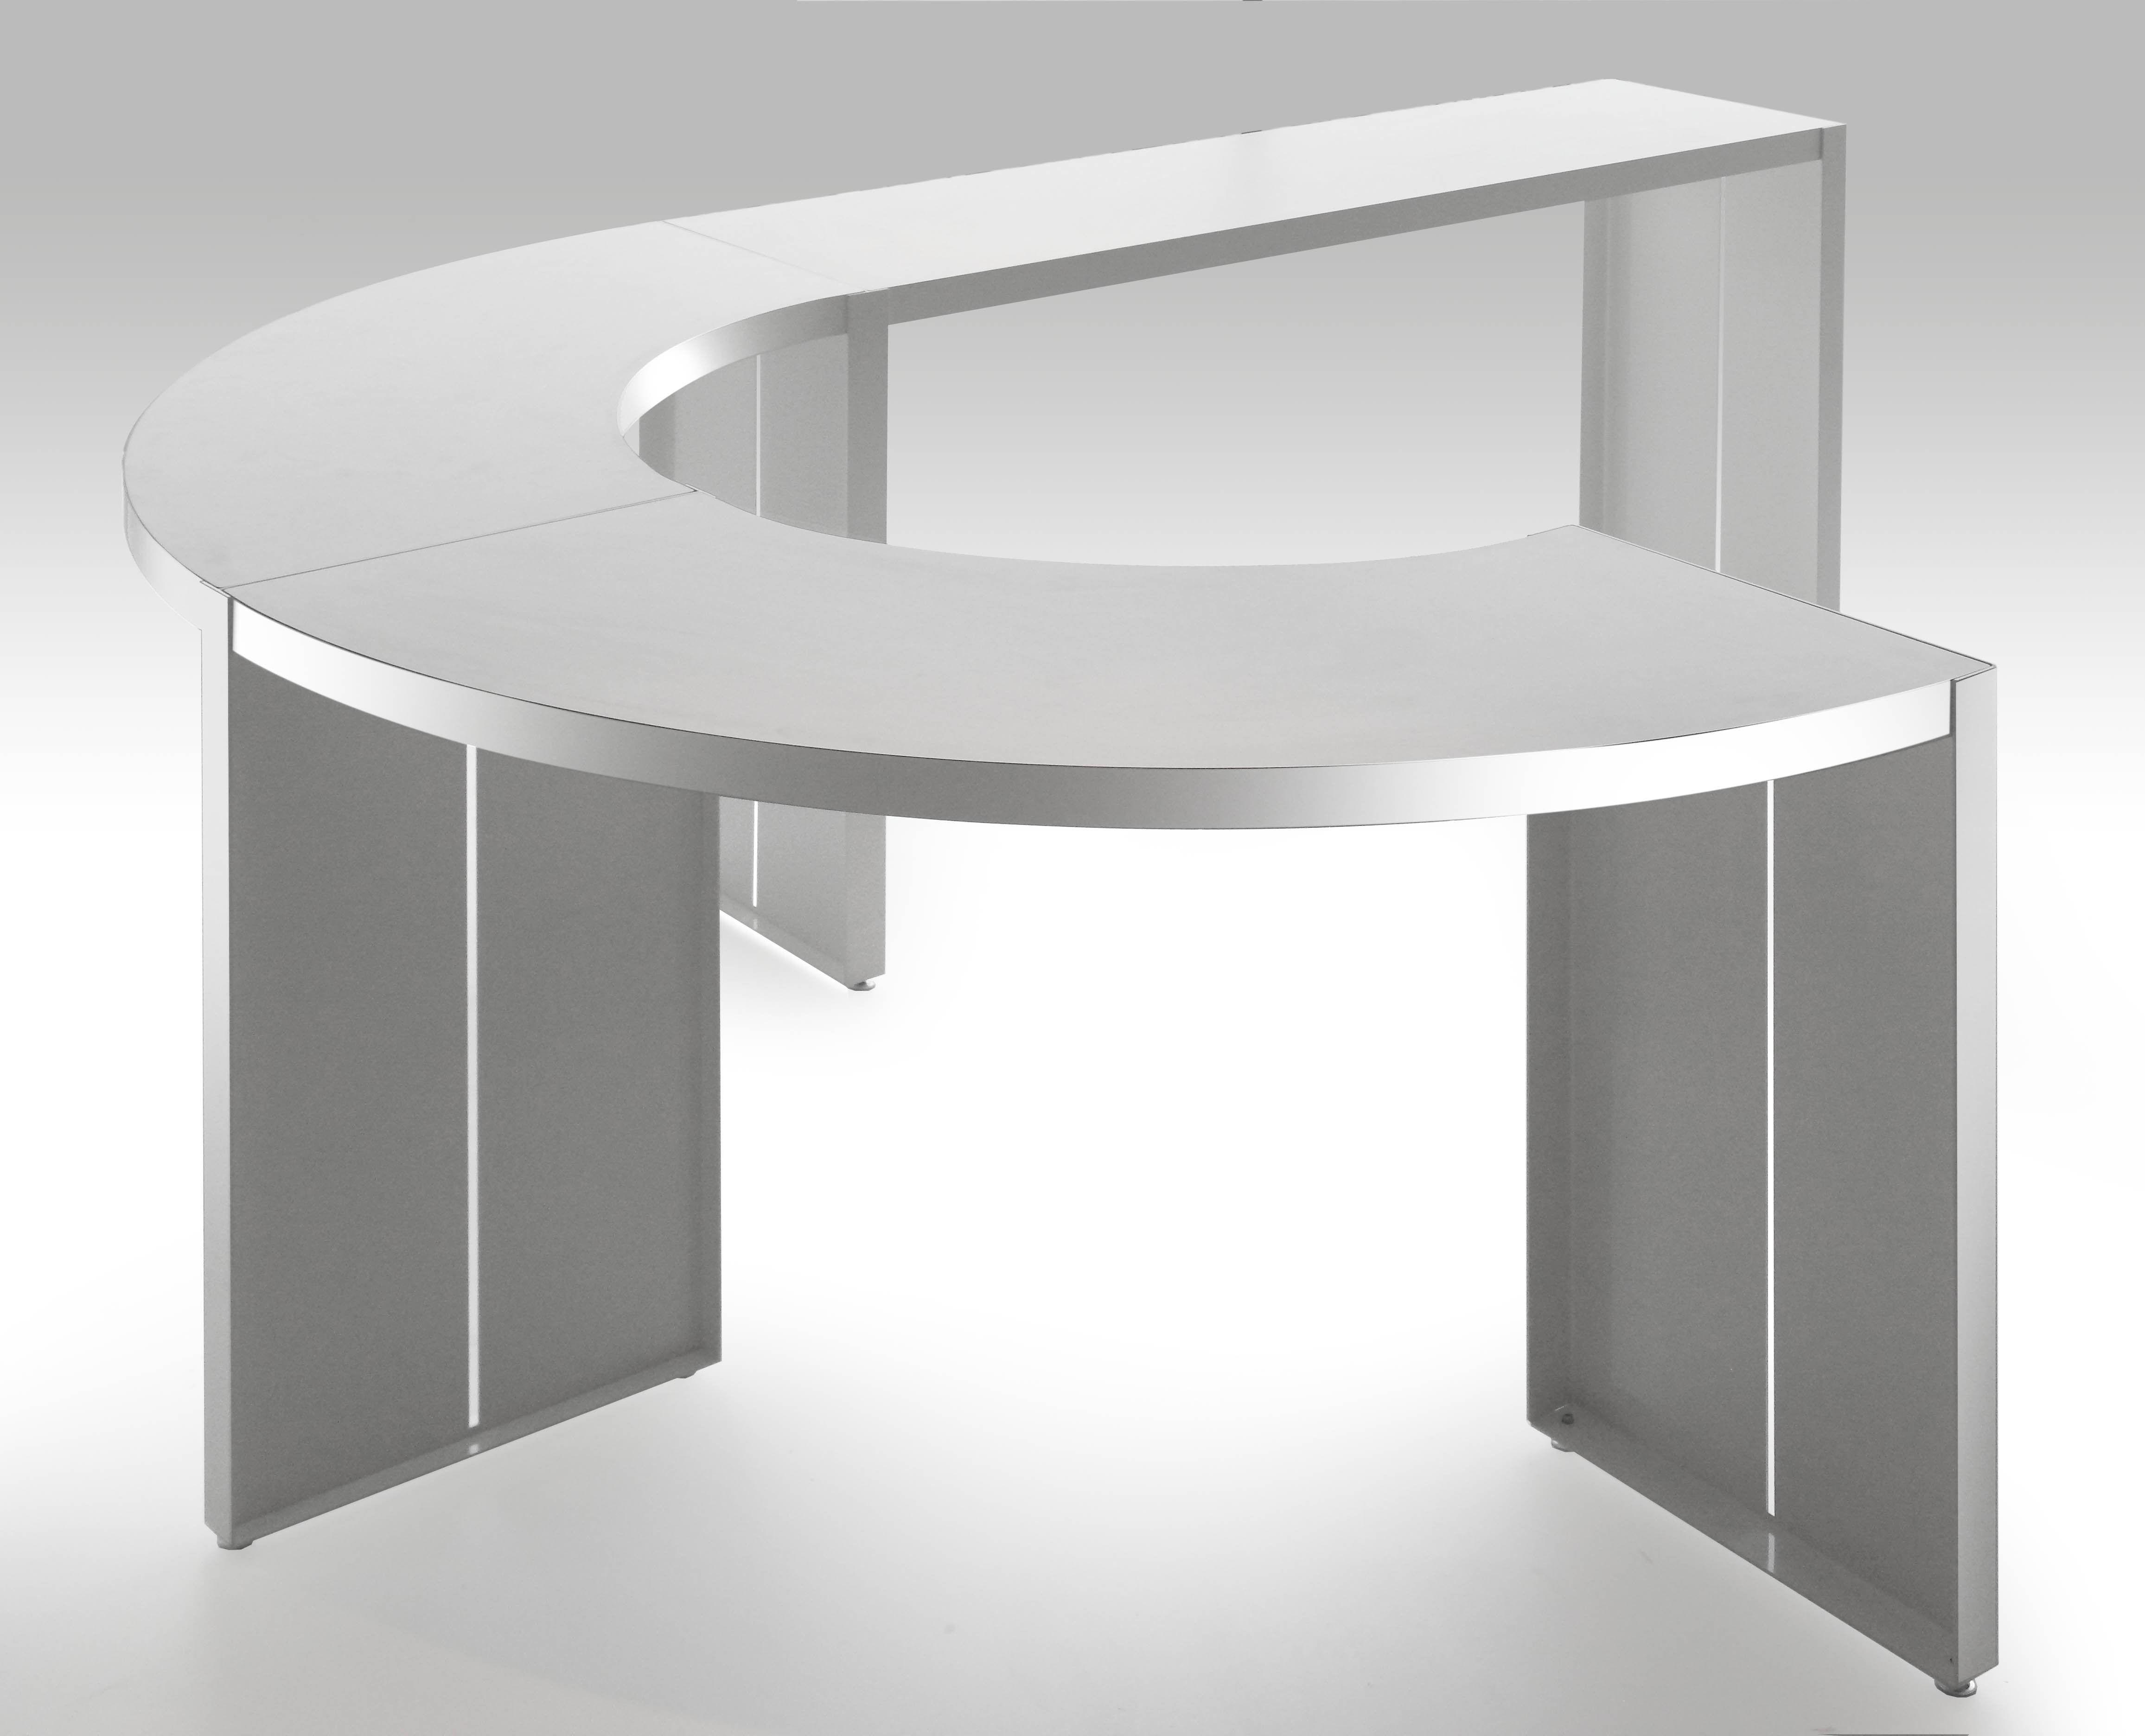 table haute panco h 110 cm l 290 cm blanc lapalma. Black Bedroom Furniture Sets. Home Design Ideas